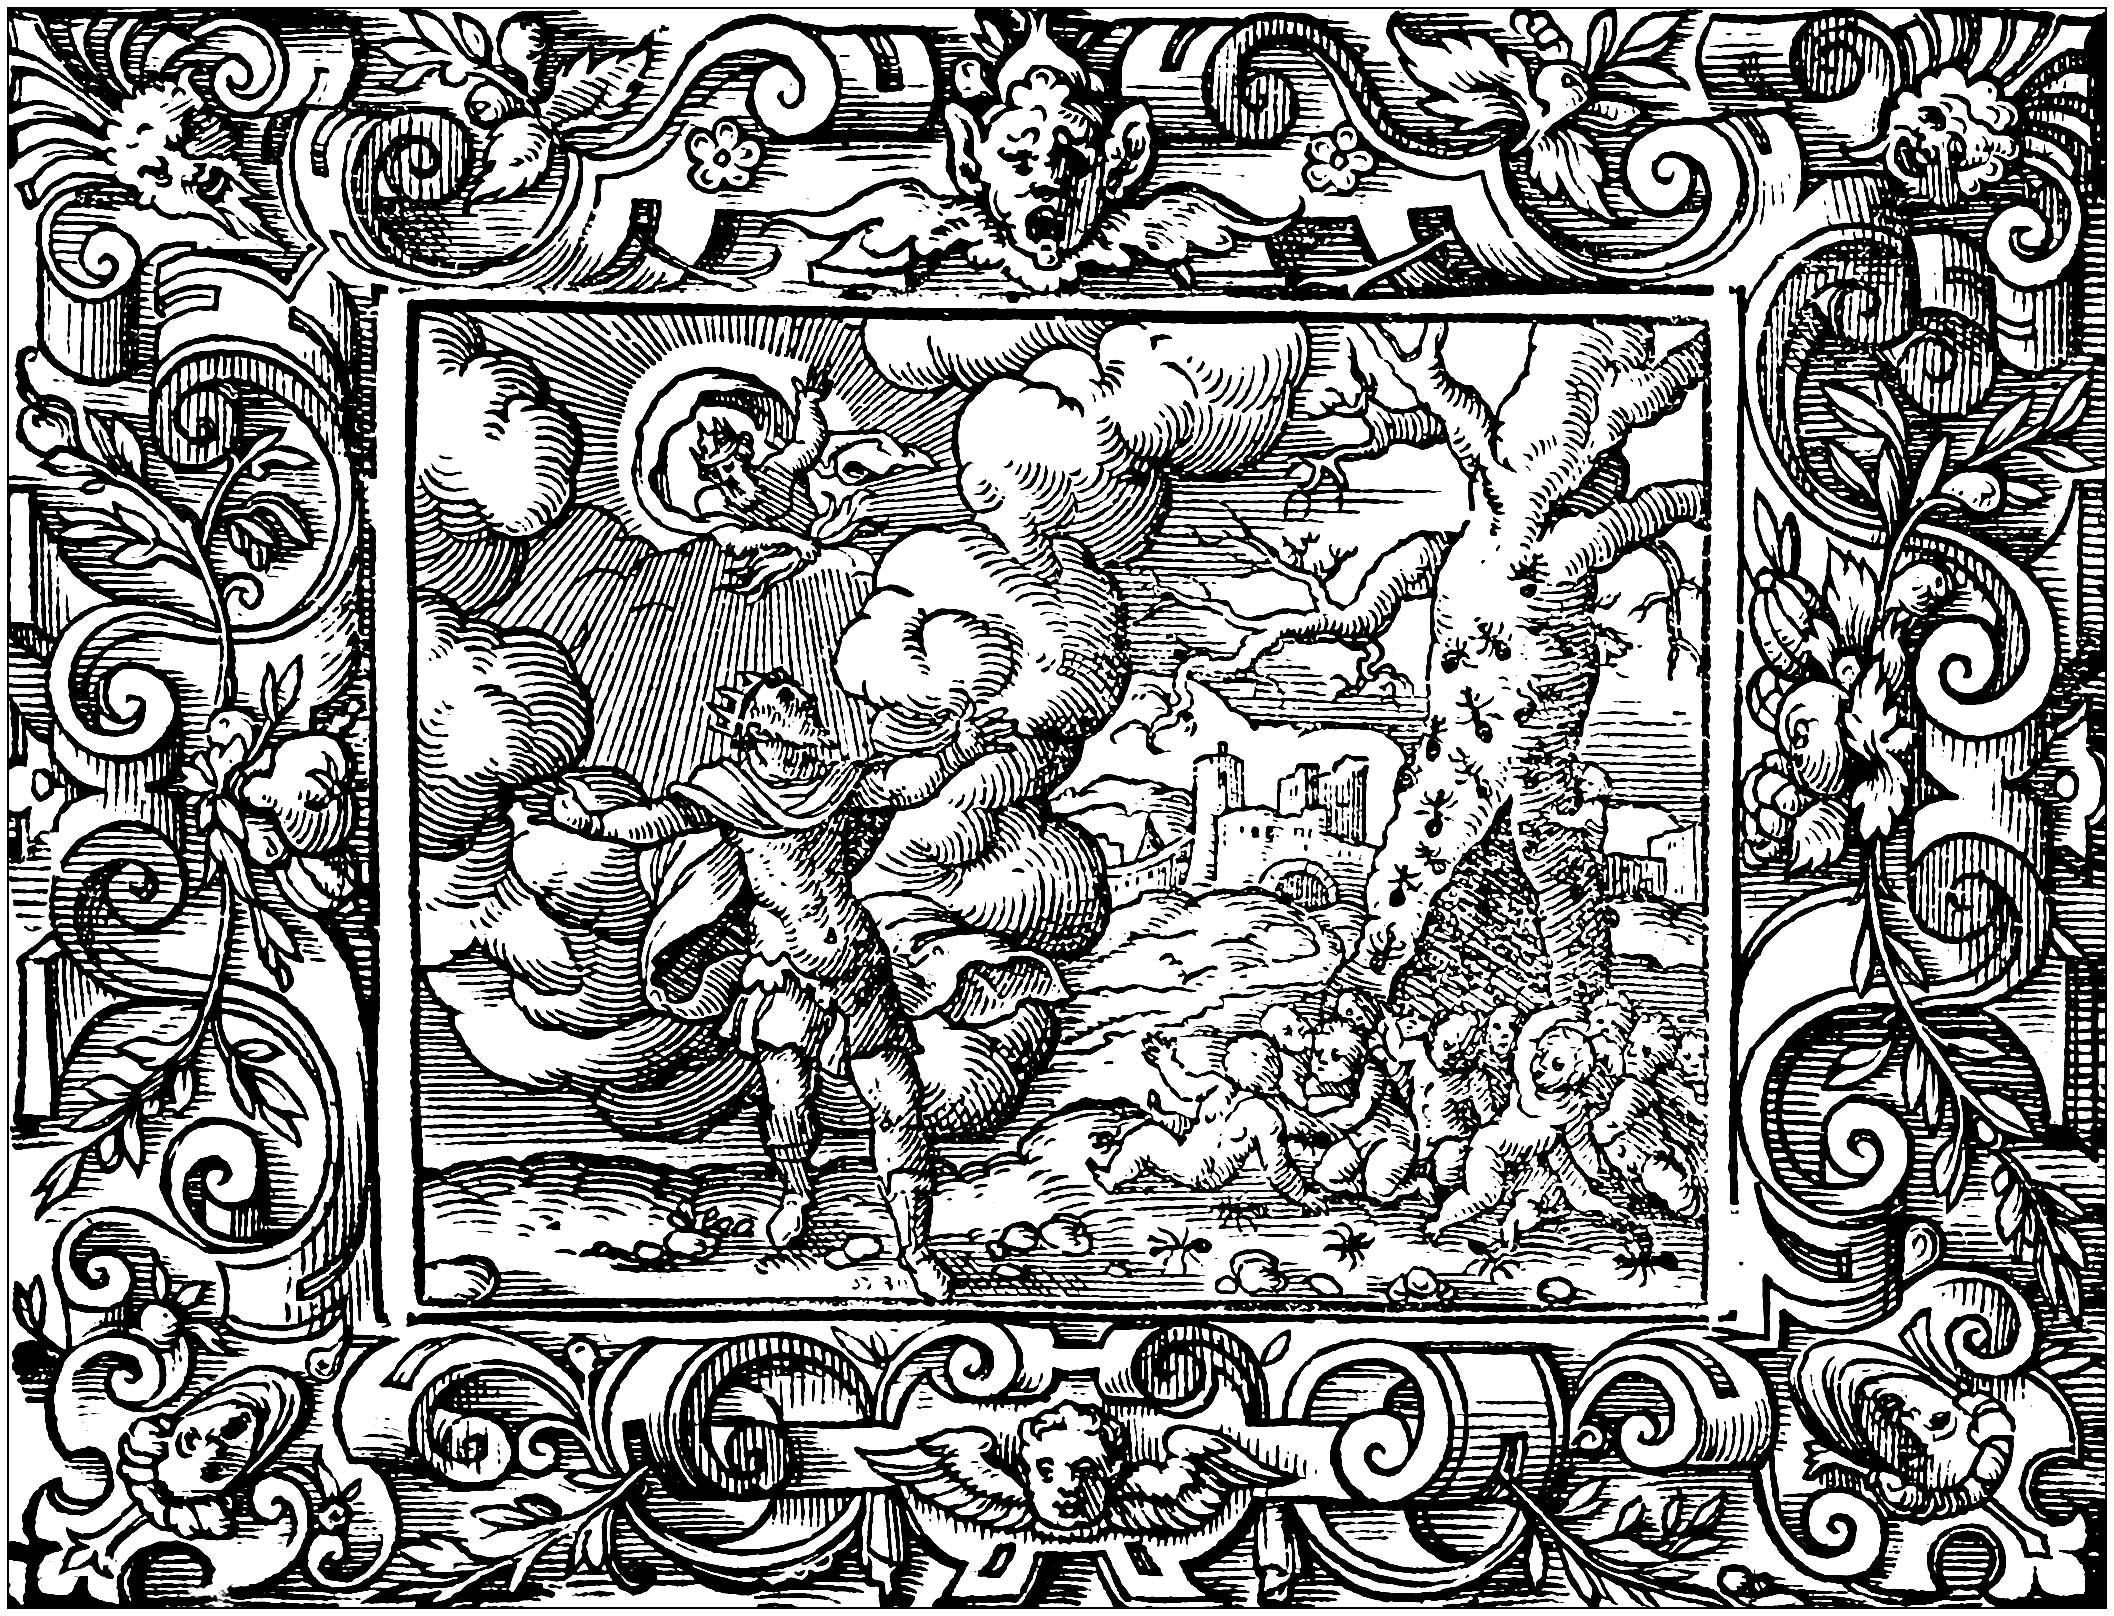 Coloriage créé à partir d'un dessin de Virgil Solis (1514 - 1562), inspiré du recueil Métamorphoses, d'Ovid Solis (Premier siècle après J.C.)